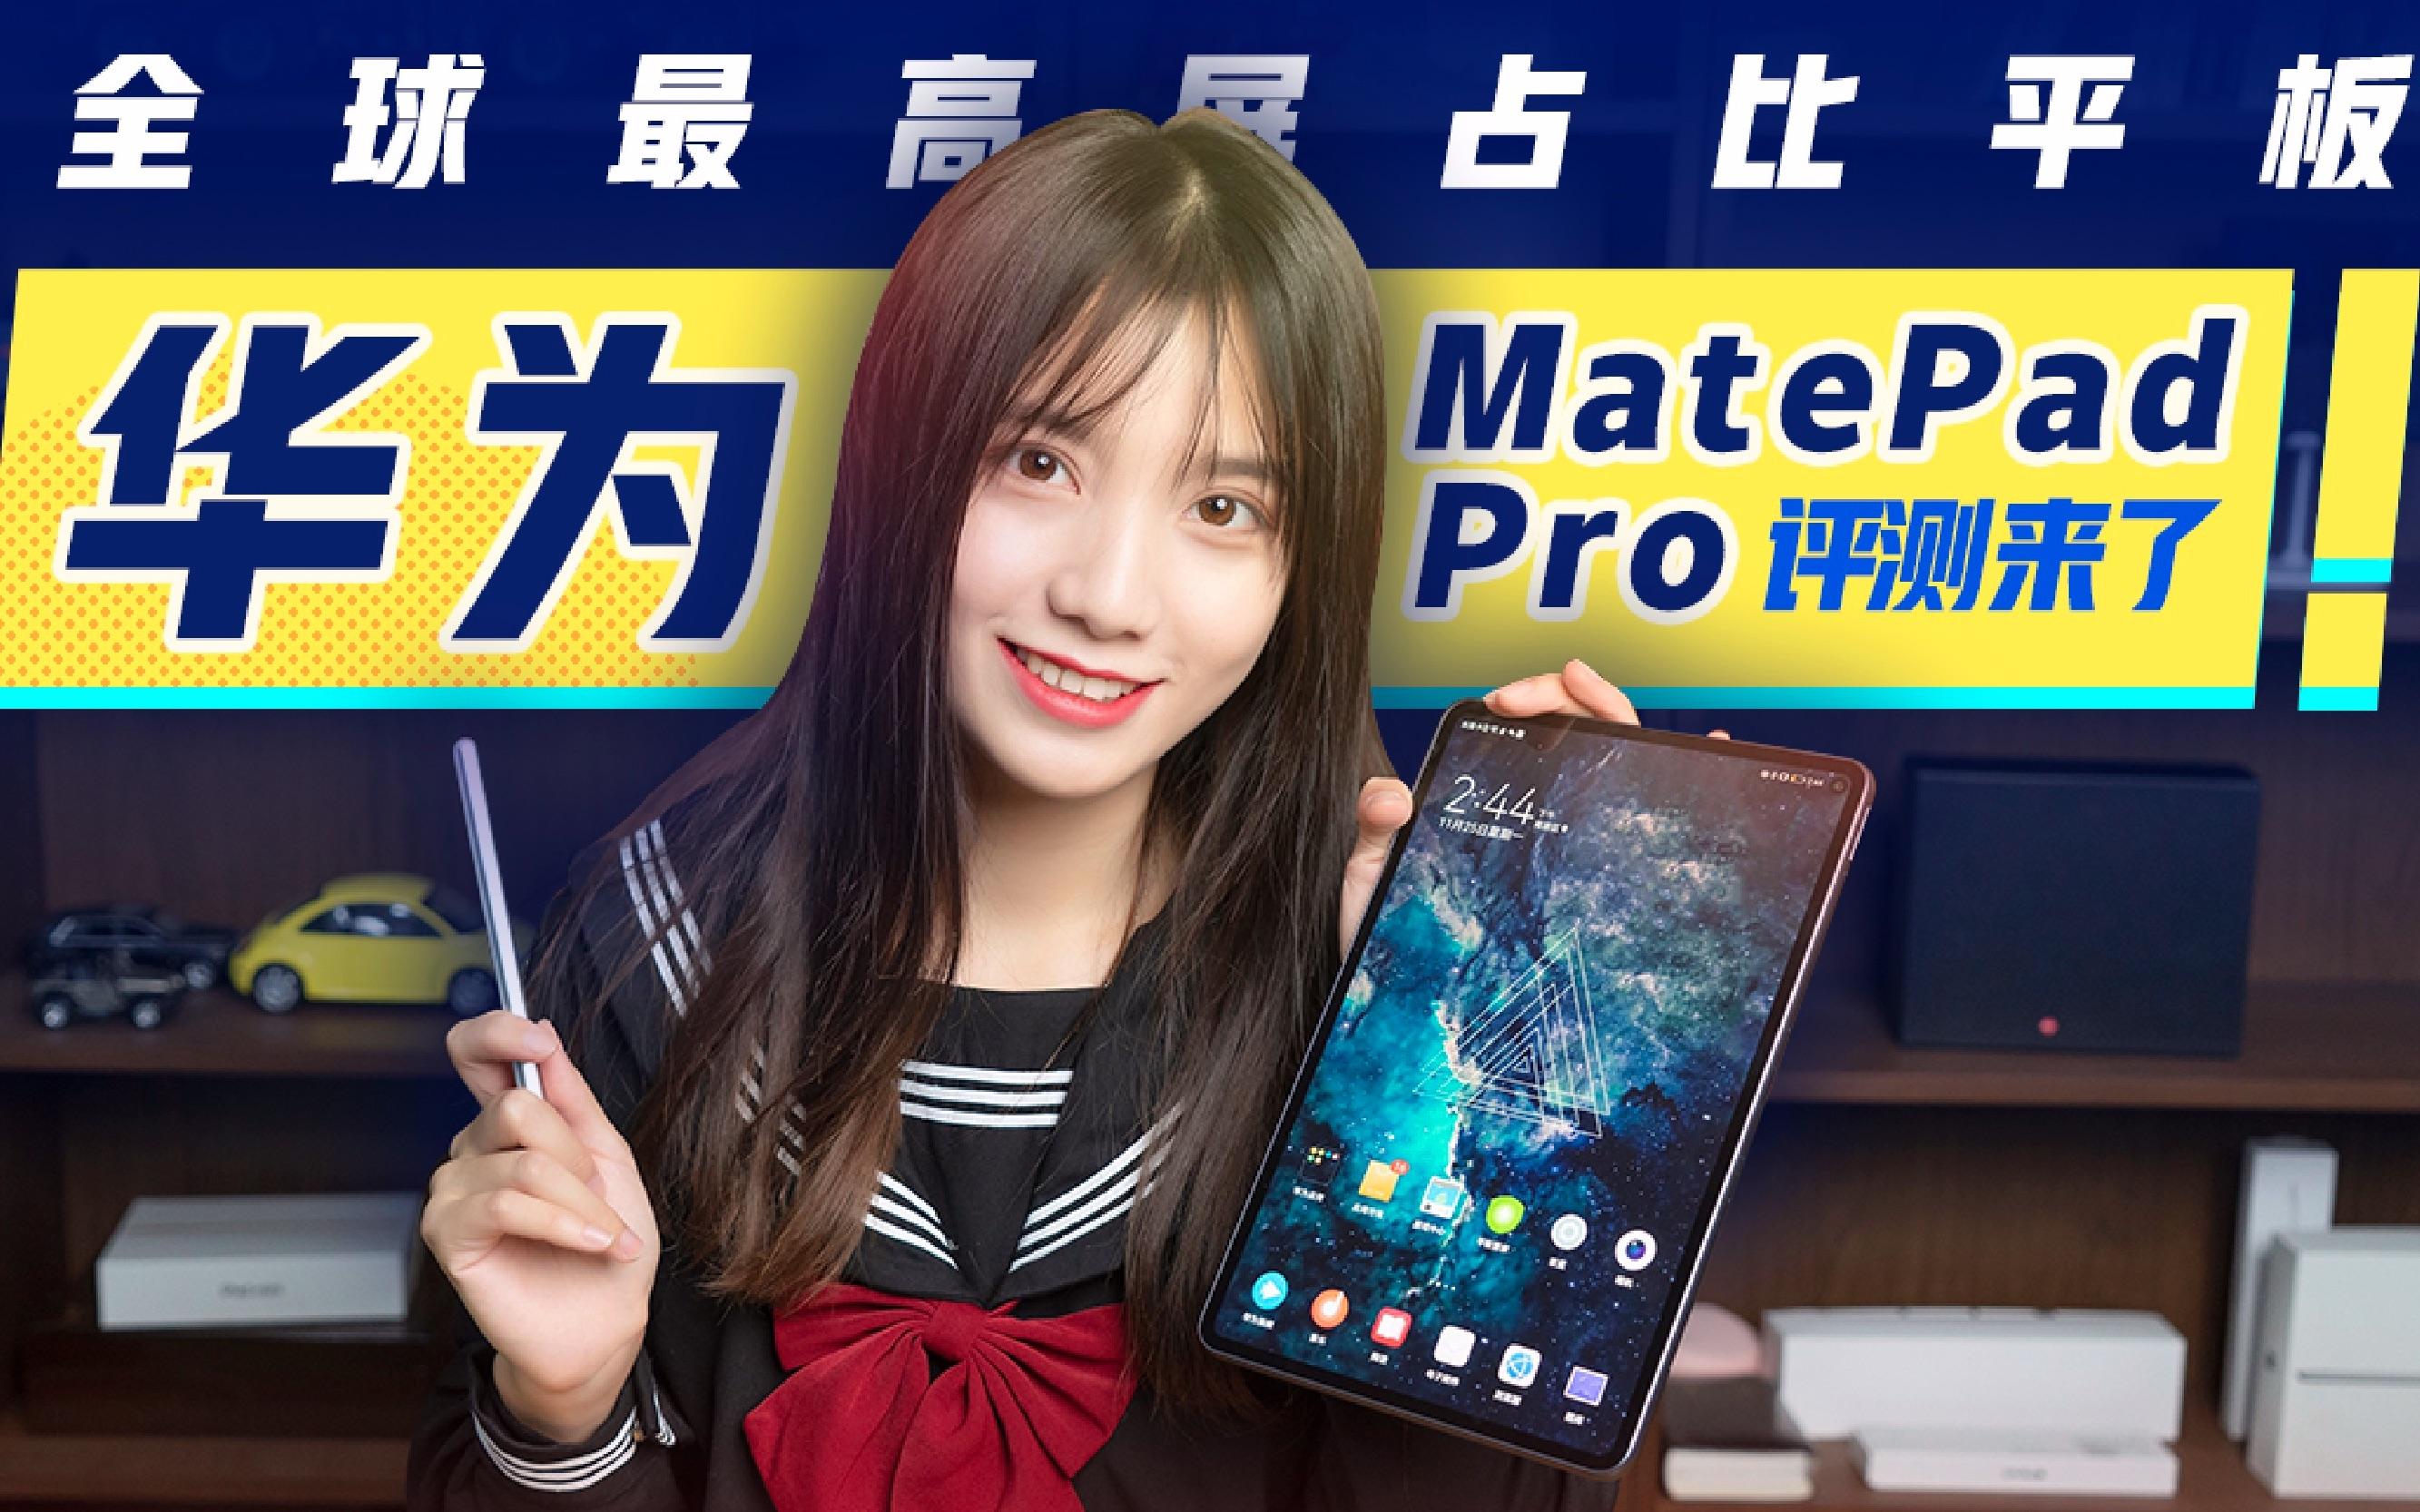 华为MatePad Pro全方位评测:全球最高屏占比平板表现如何?,华为 MatePad Pro-花粉俱乐部